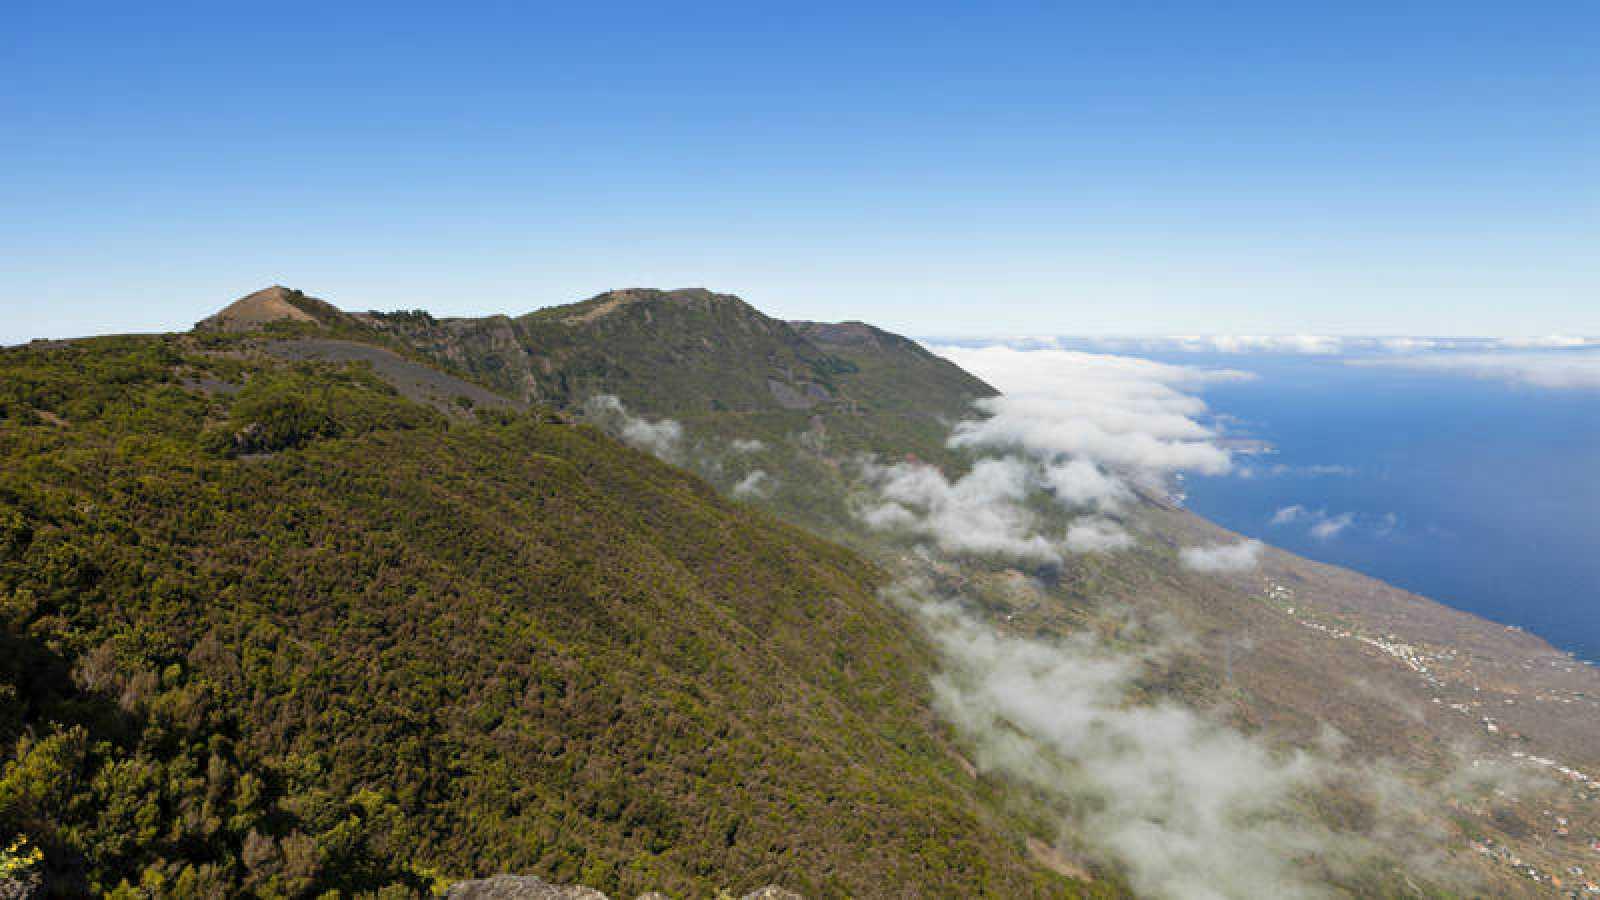 Conocer el patrimonio natural sin alterarlo es un punto fundamental en el turismo sostenible.Vistas de la isla de El Hierro desde el mirador de La Llania.